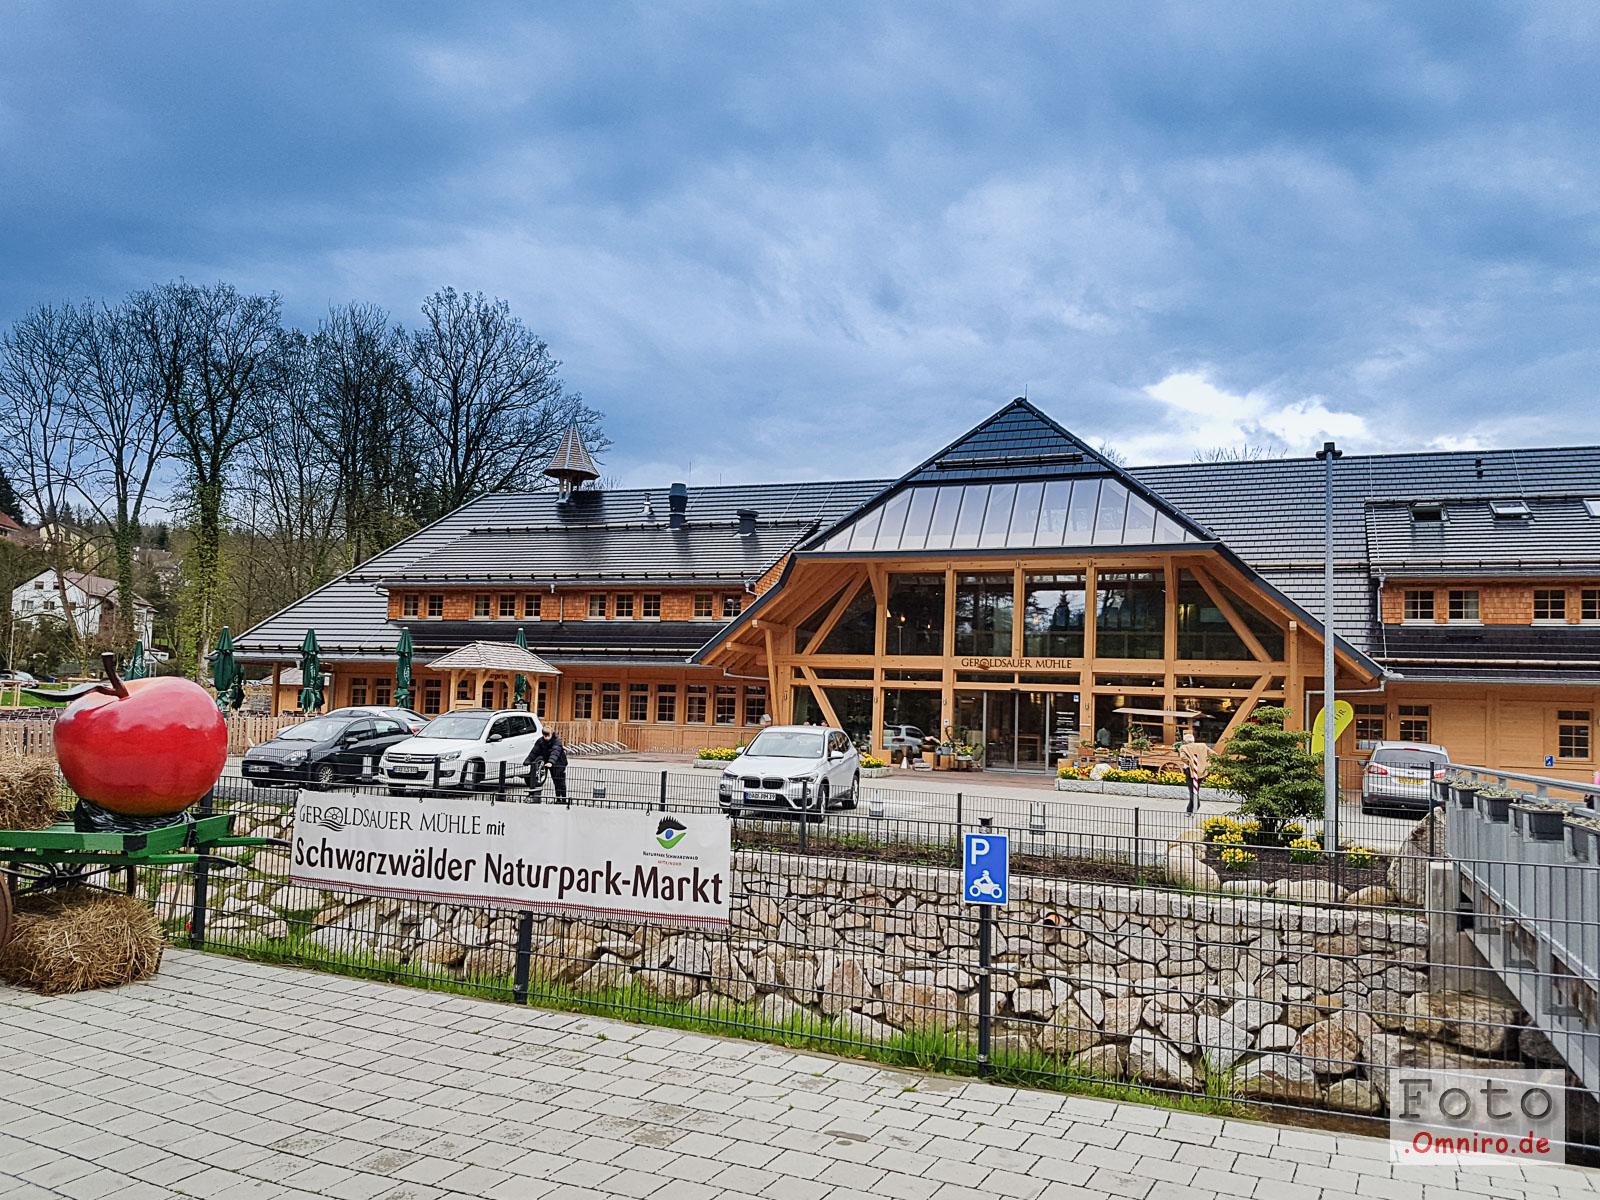 Geroldsauer Mühle Wandern